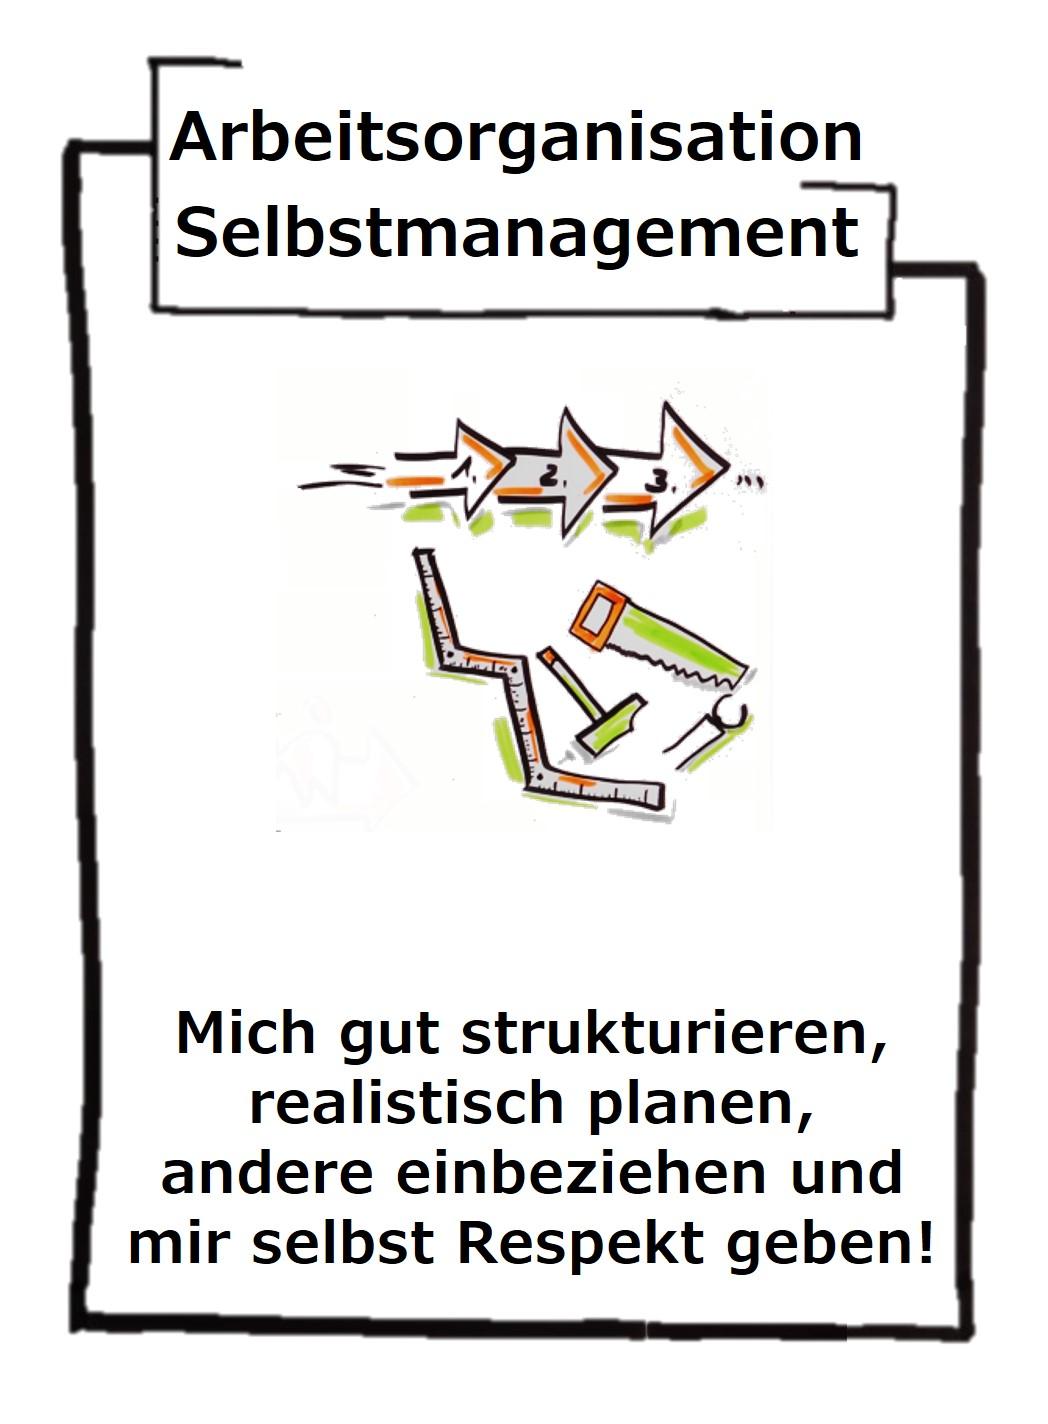 Die eigene Arbeitsorganisation benötigt ein gutes Selbstmanagement. Habe ich mich selbst nicht unter Kontrolle treibt mich mein Umfeld!